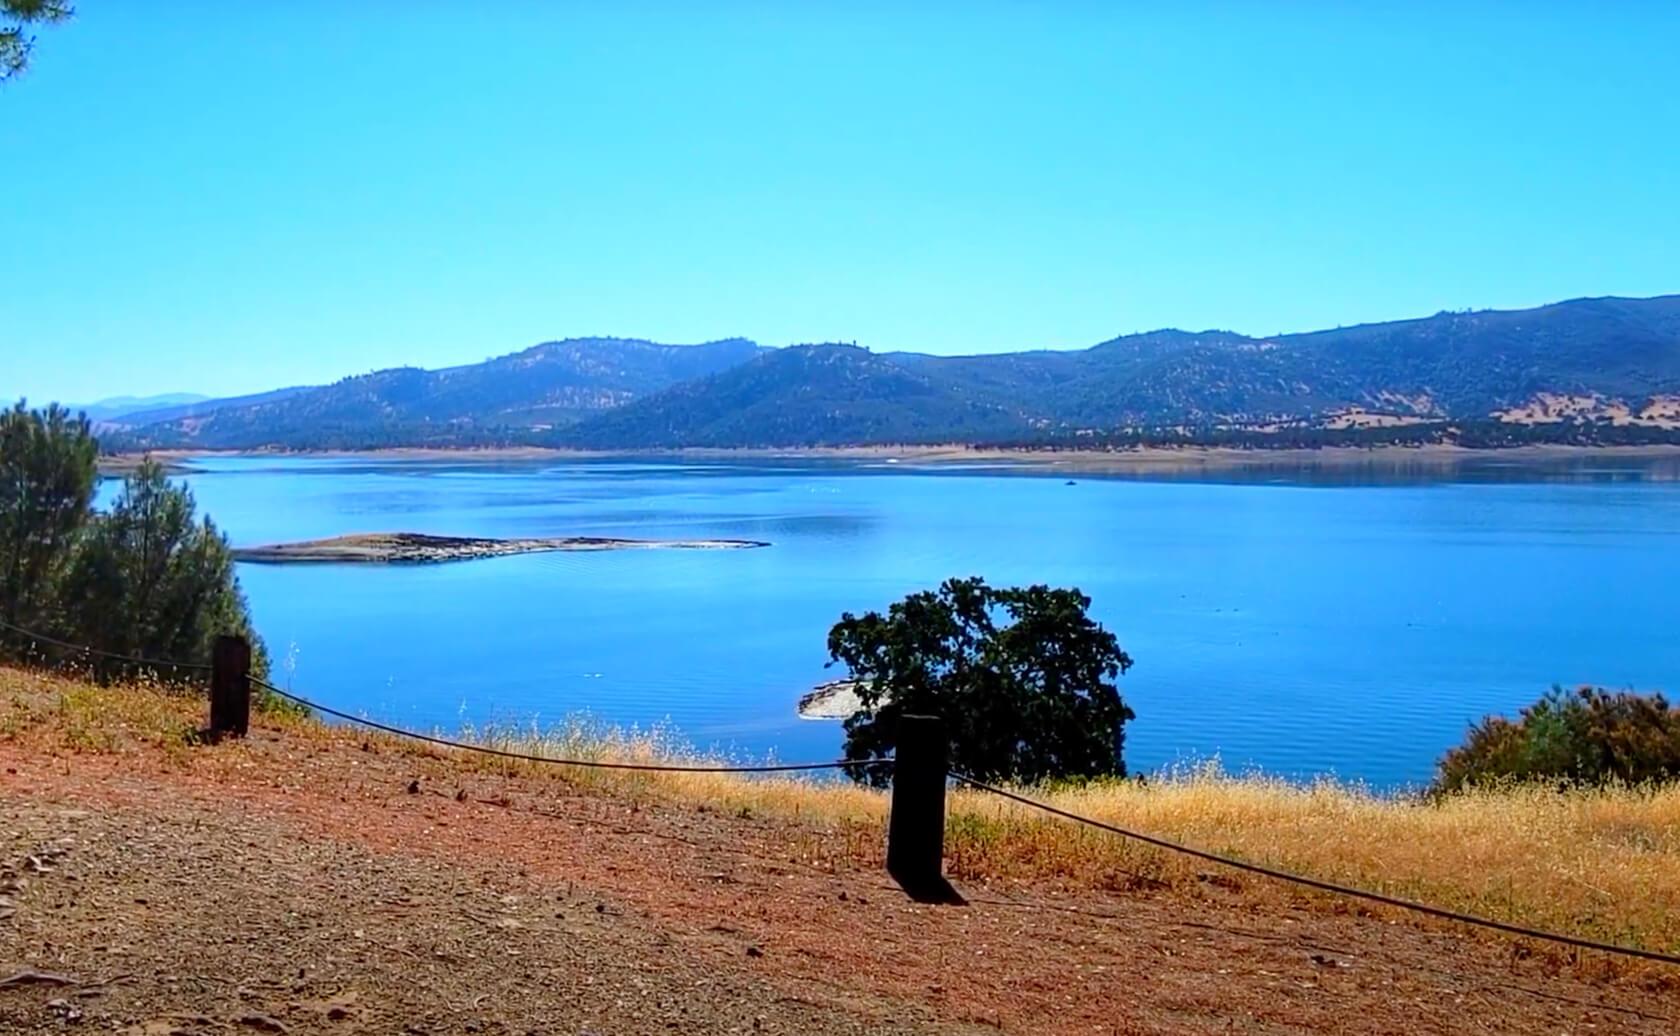 New-Hogan-Lake-Fishing-Guide-Report-California-02